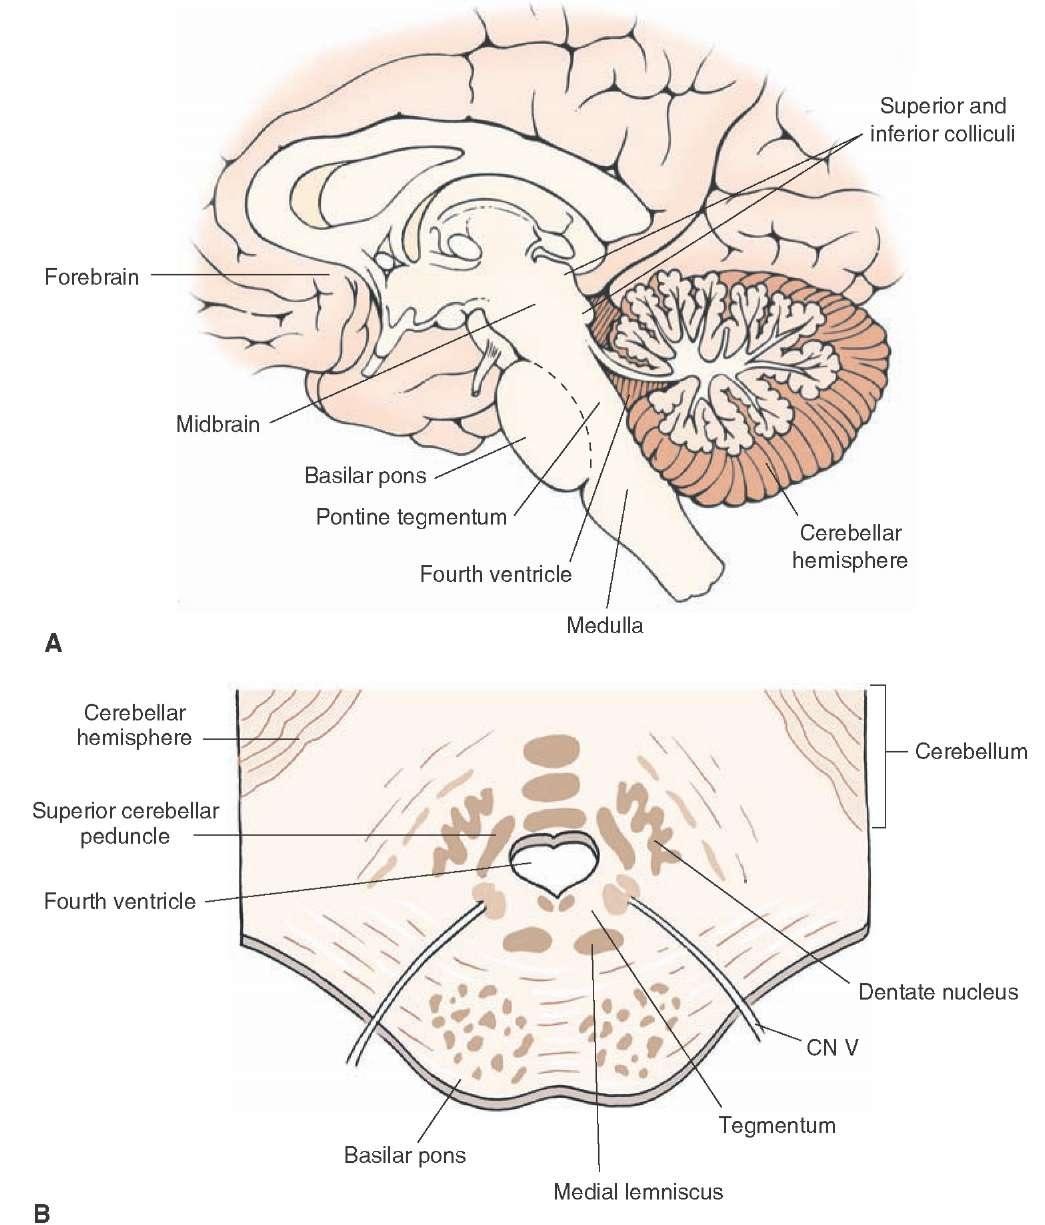 Brainstem II: Pons and Cerebellum Part 1